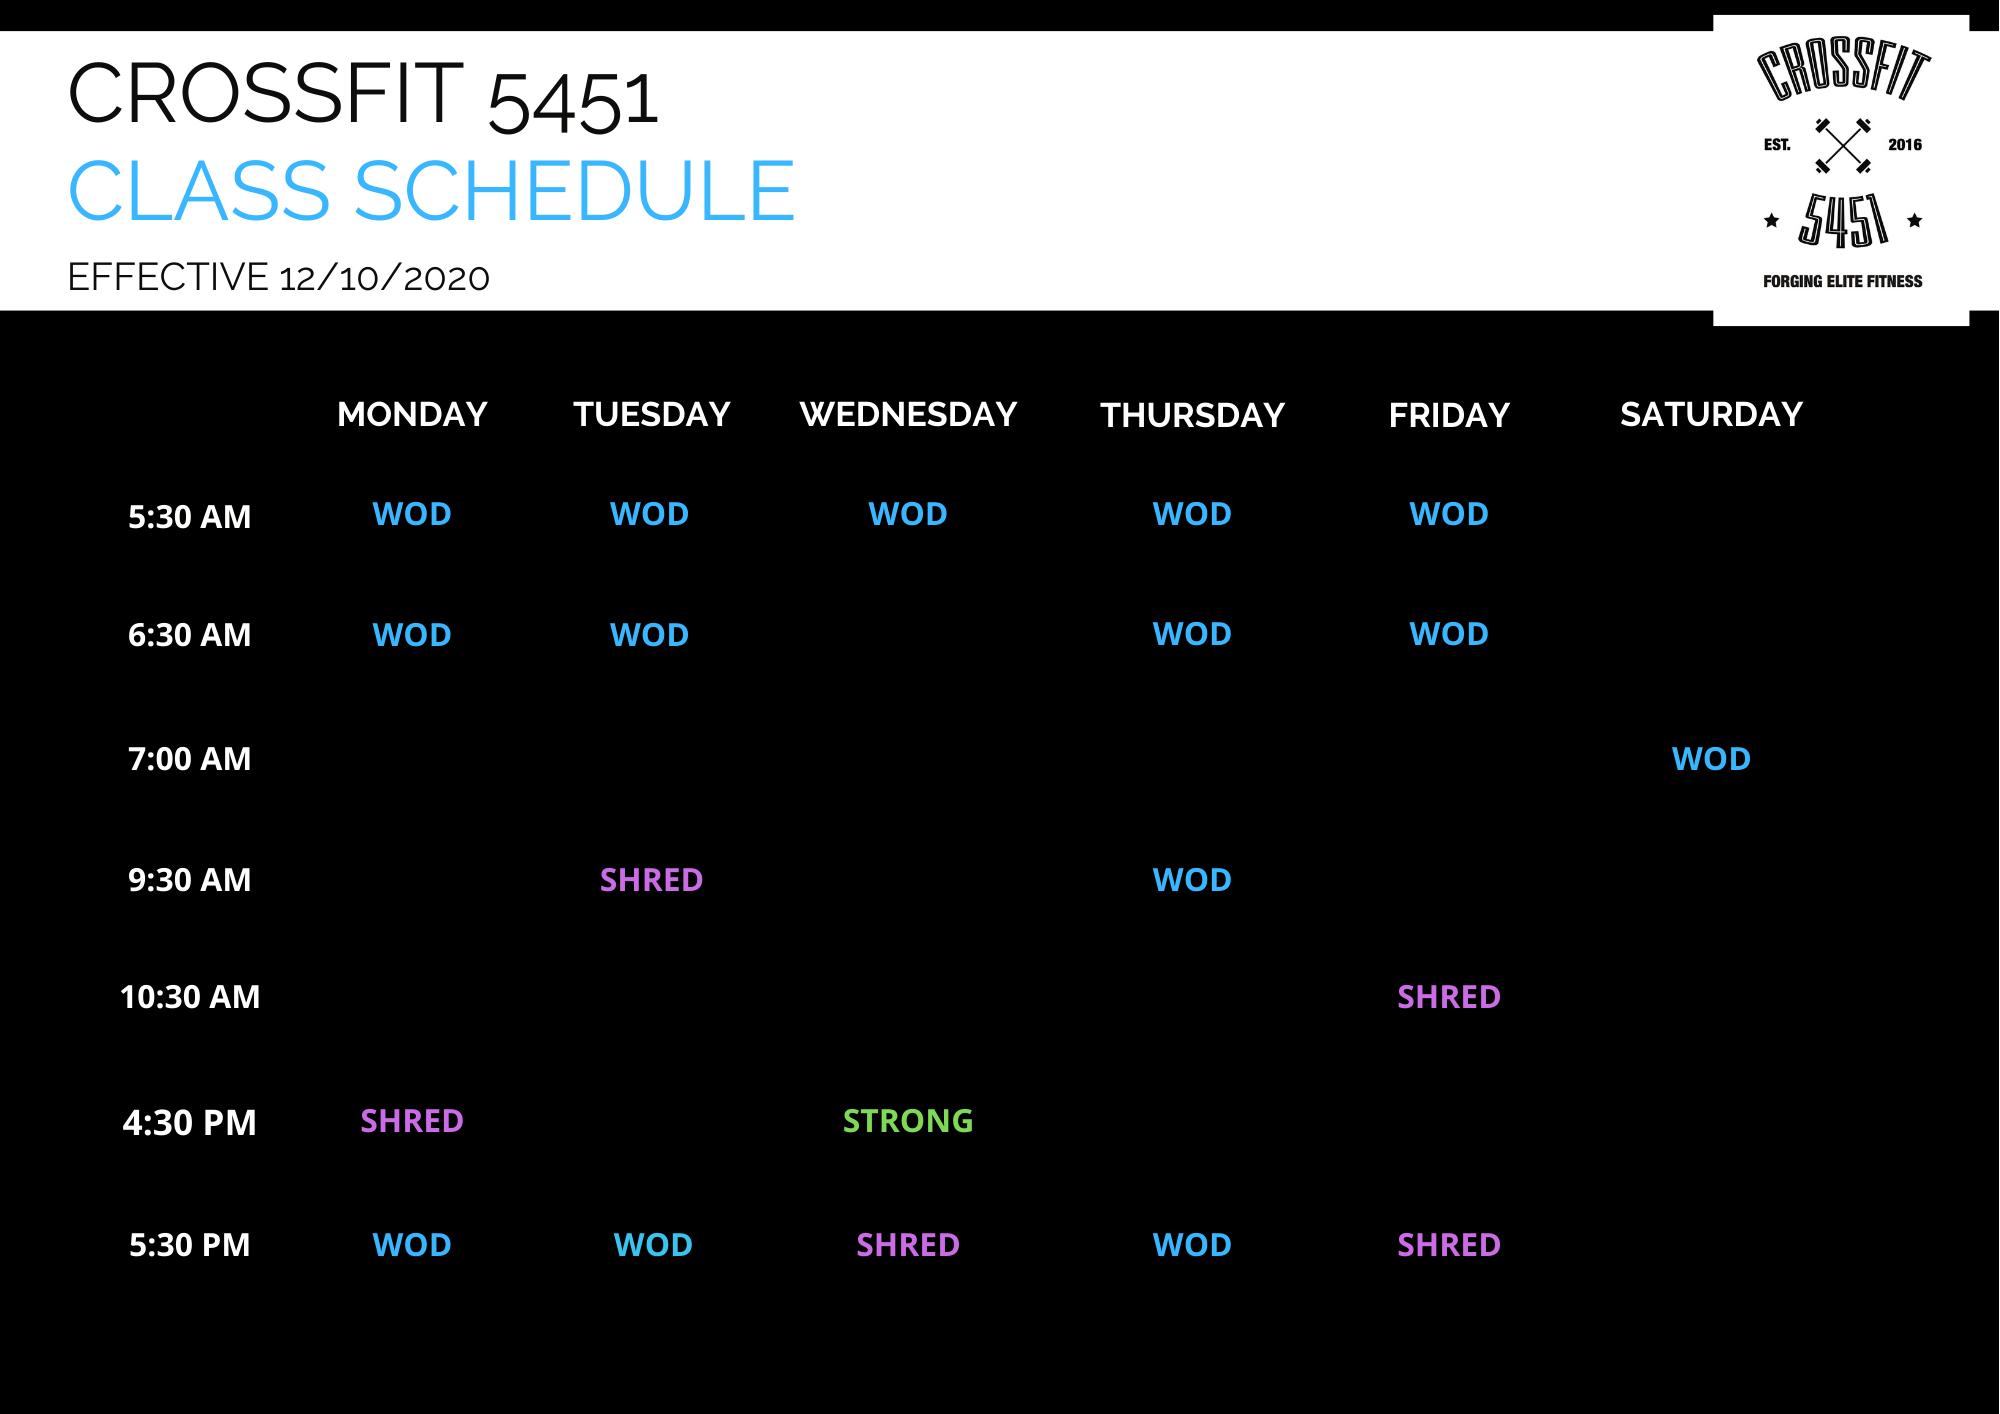 CF5451 Class Schedule 11.10.2020